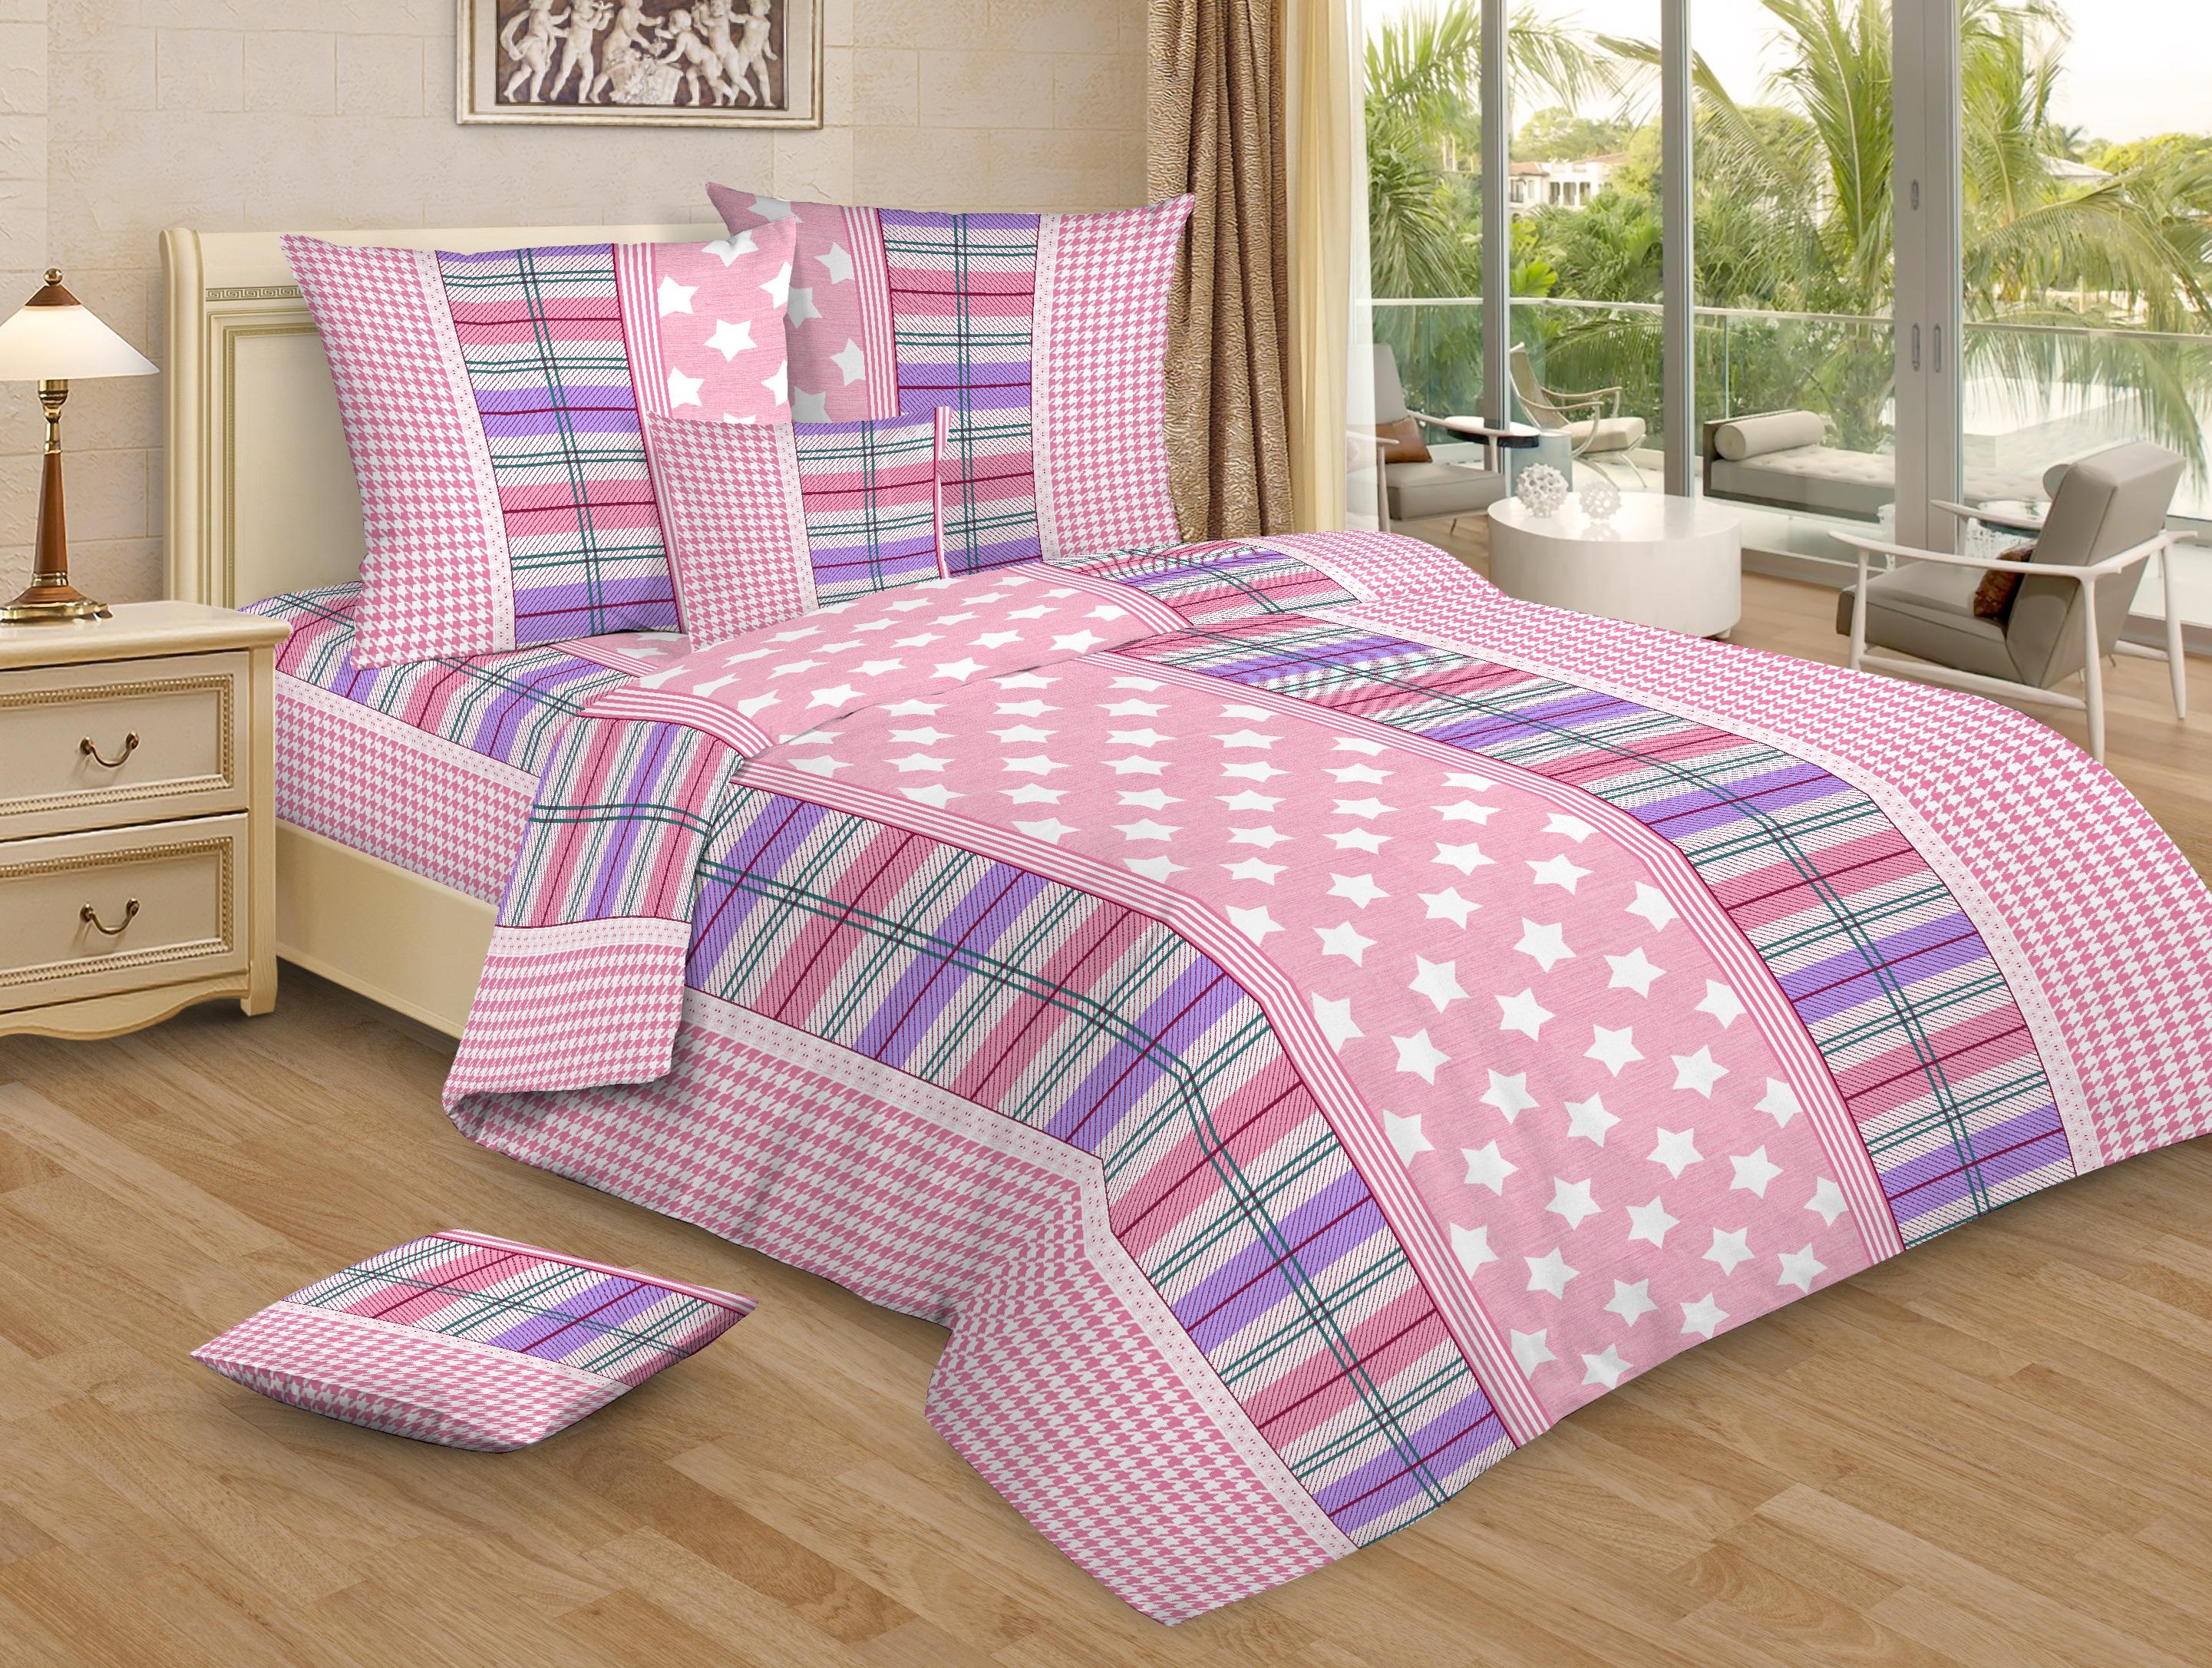 Комплект постельного белья Ночь нежна Zvjozdy Цвет: Розовый (1,5 спальное)